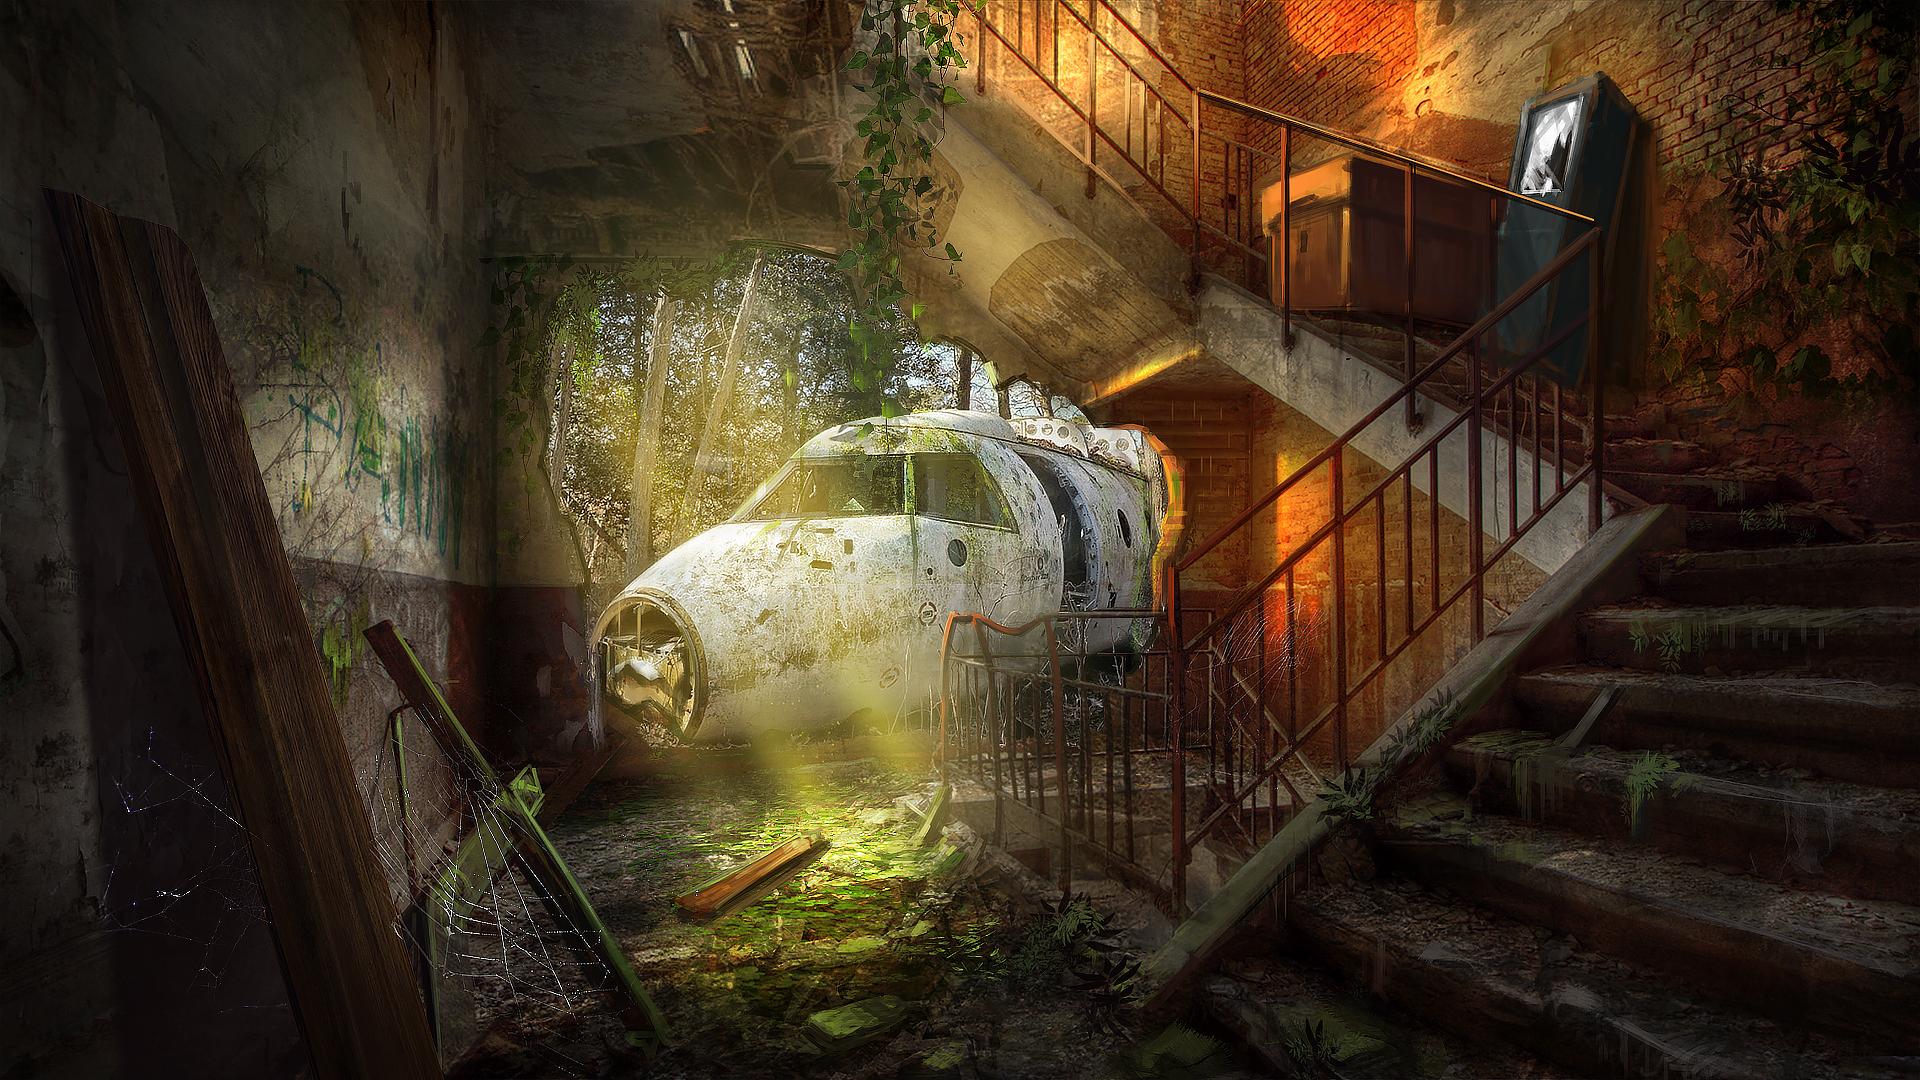 Post-Apocalyptic Interior